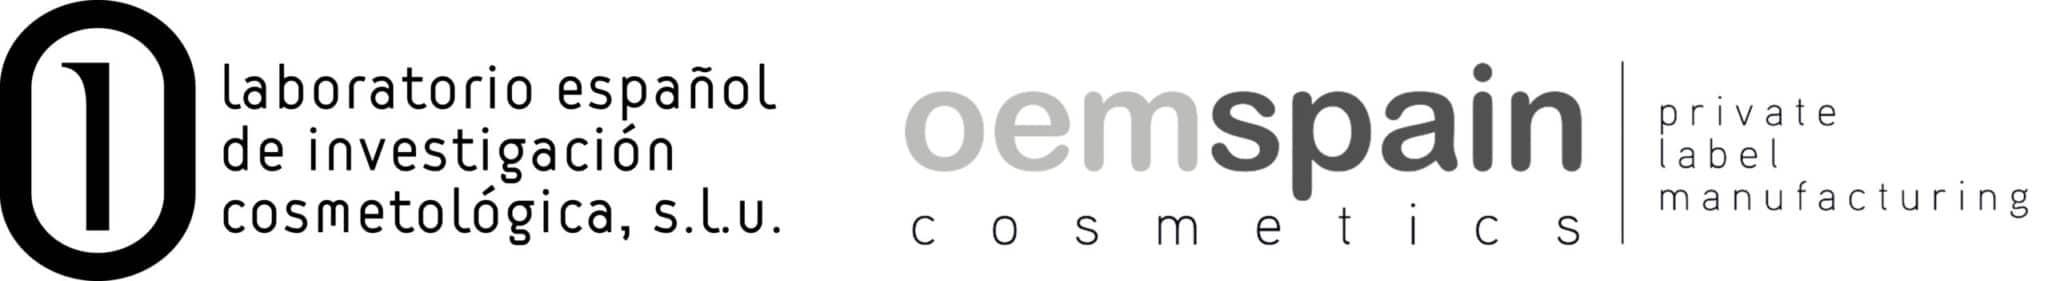 Logotipo de LABº ESPAÑOL DE INVESTIGACION COSMETOLOGICA